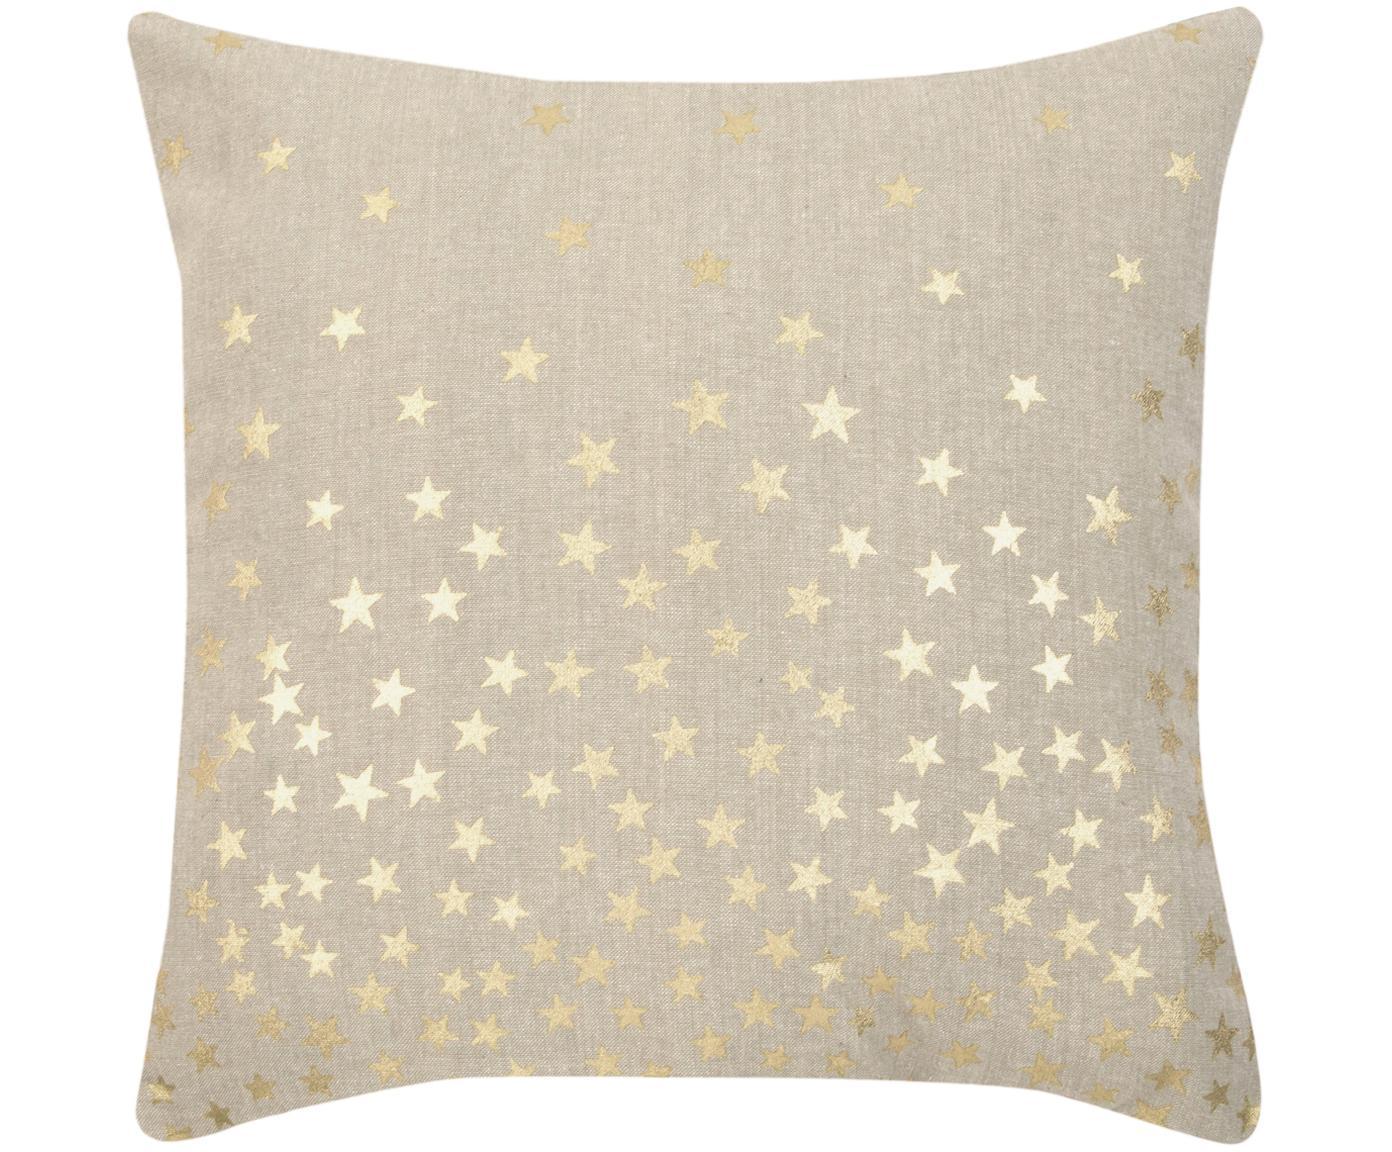 Federa arredo con stelle dorate Goldstar, Cotone, Beige, dorato, Larg. 45 x Lung. 45 cm